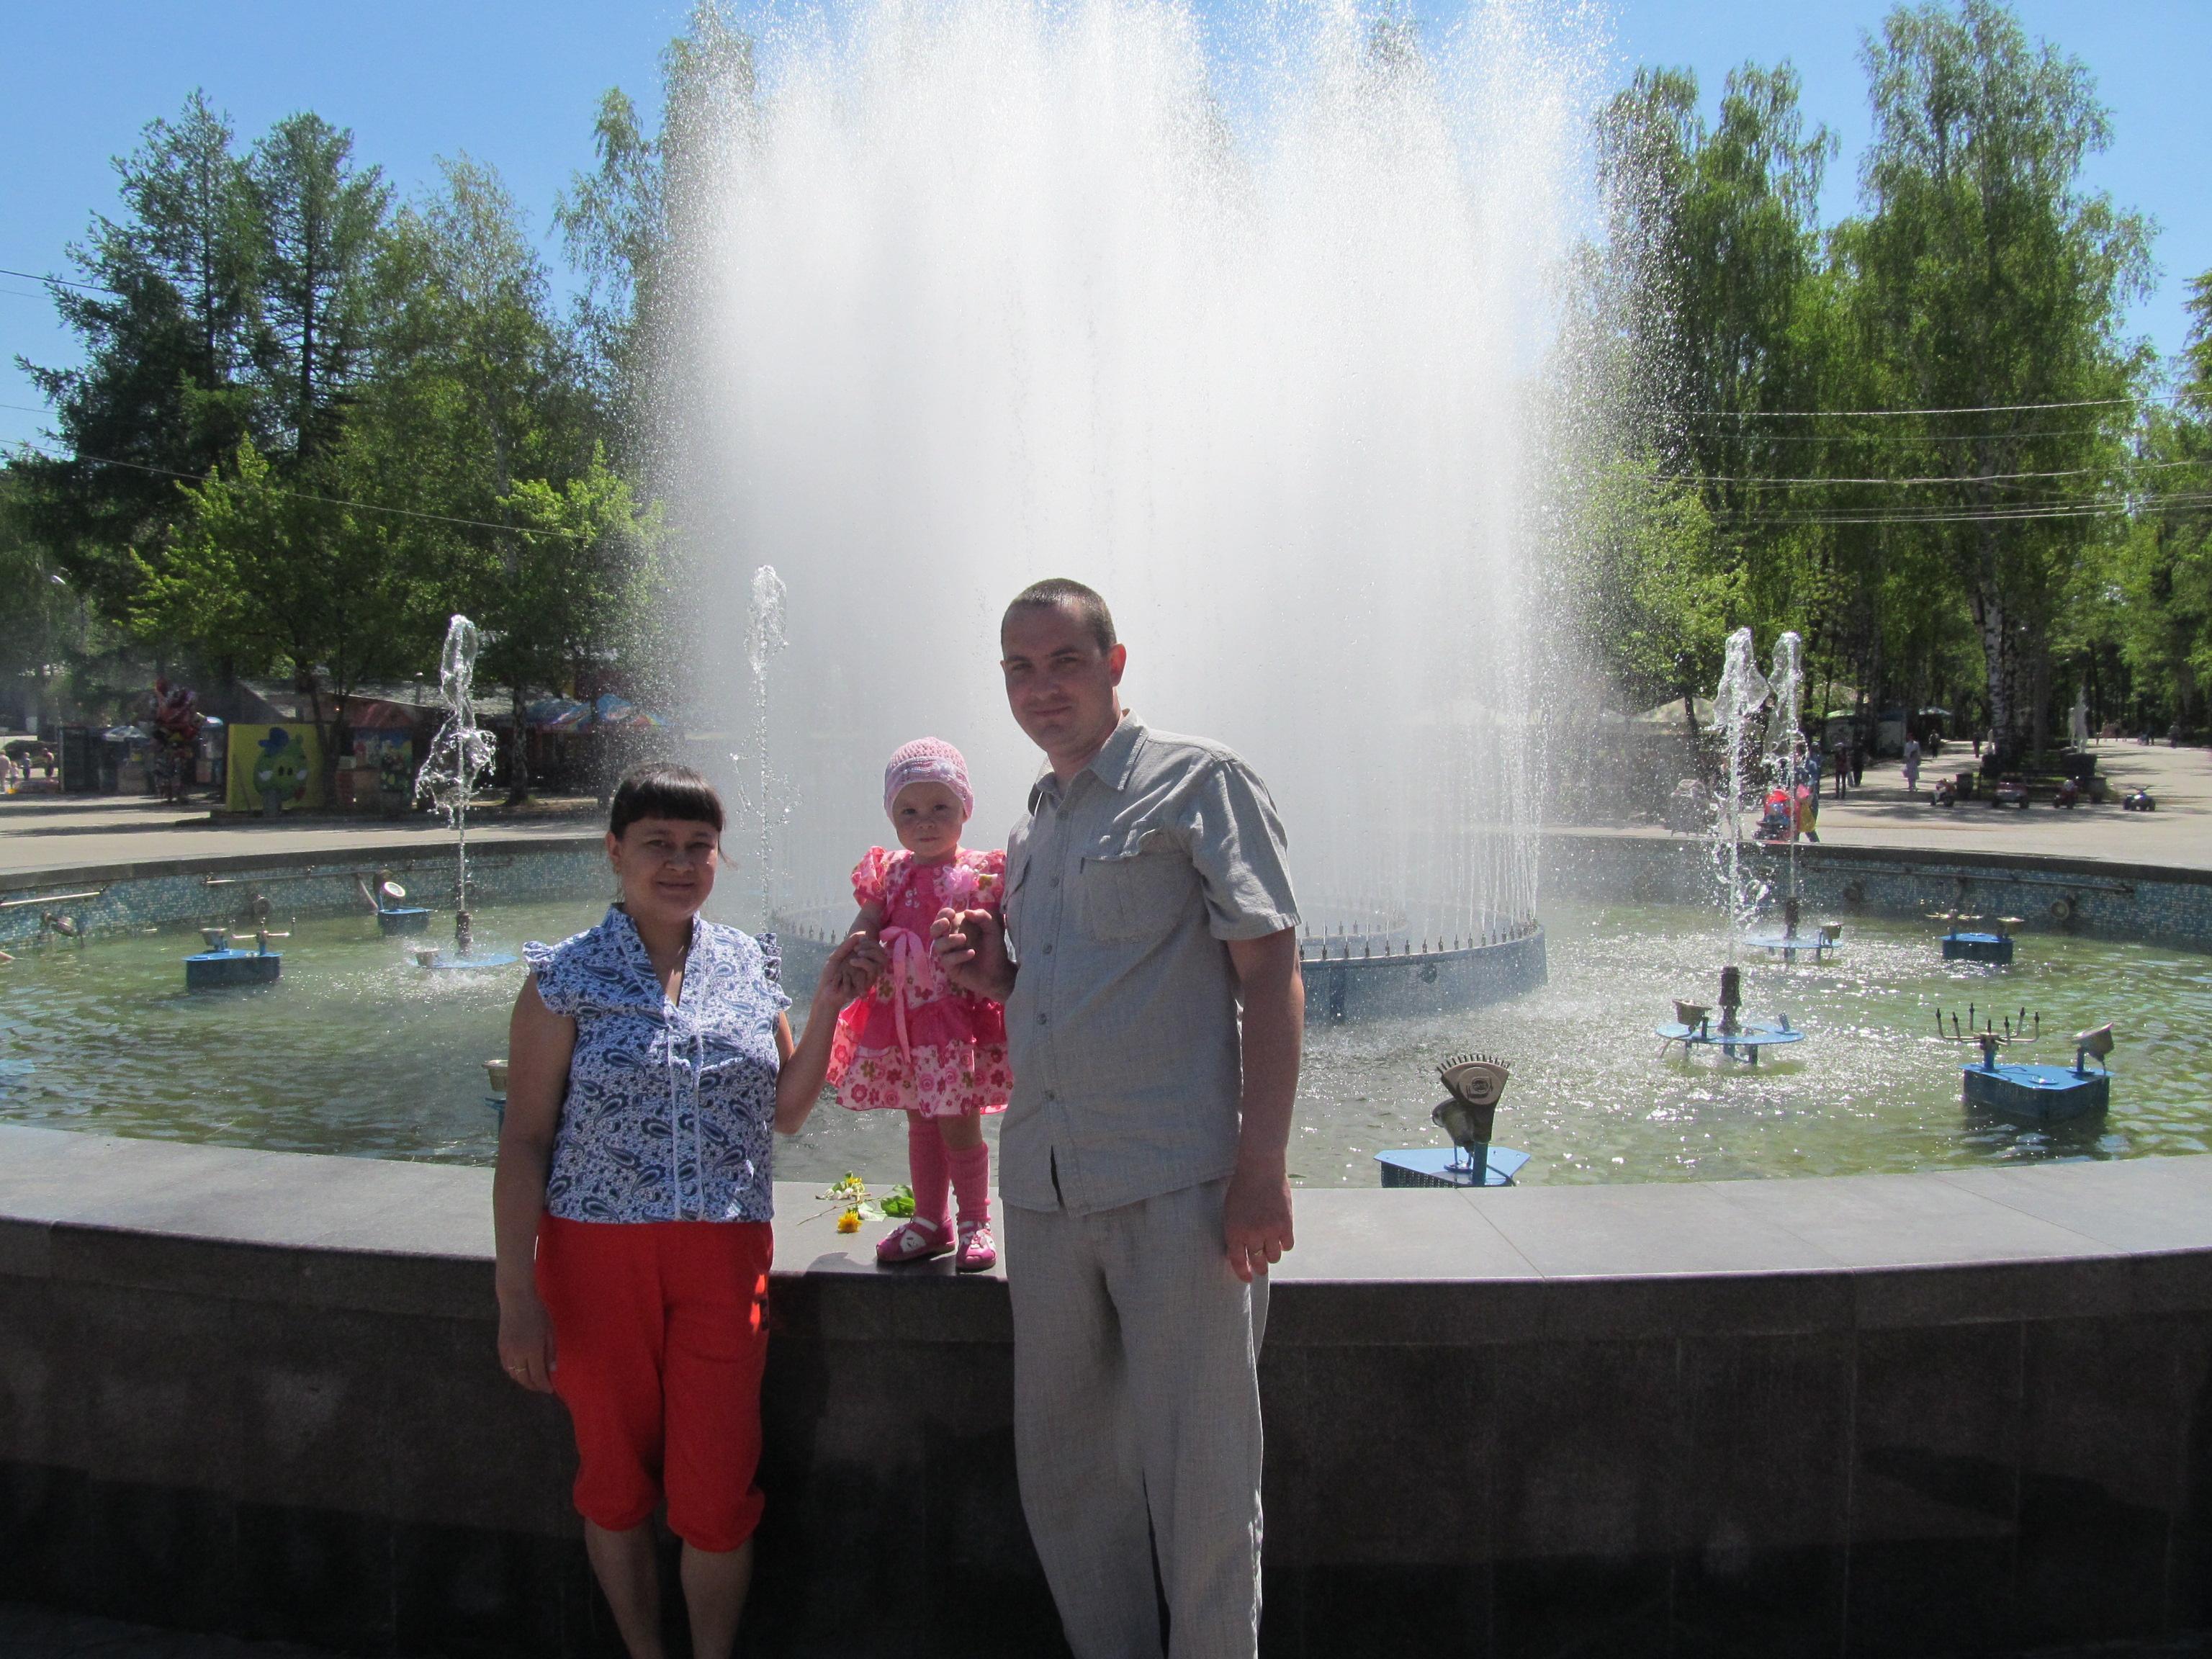 Сергей мечтает, что когда-нибудь ему удастся построить дом для всей семьи